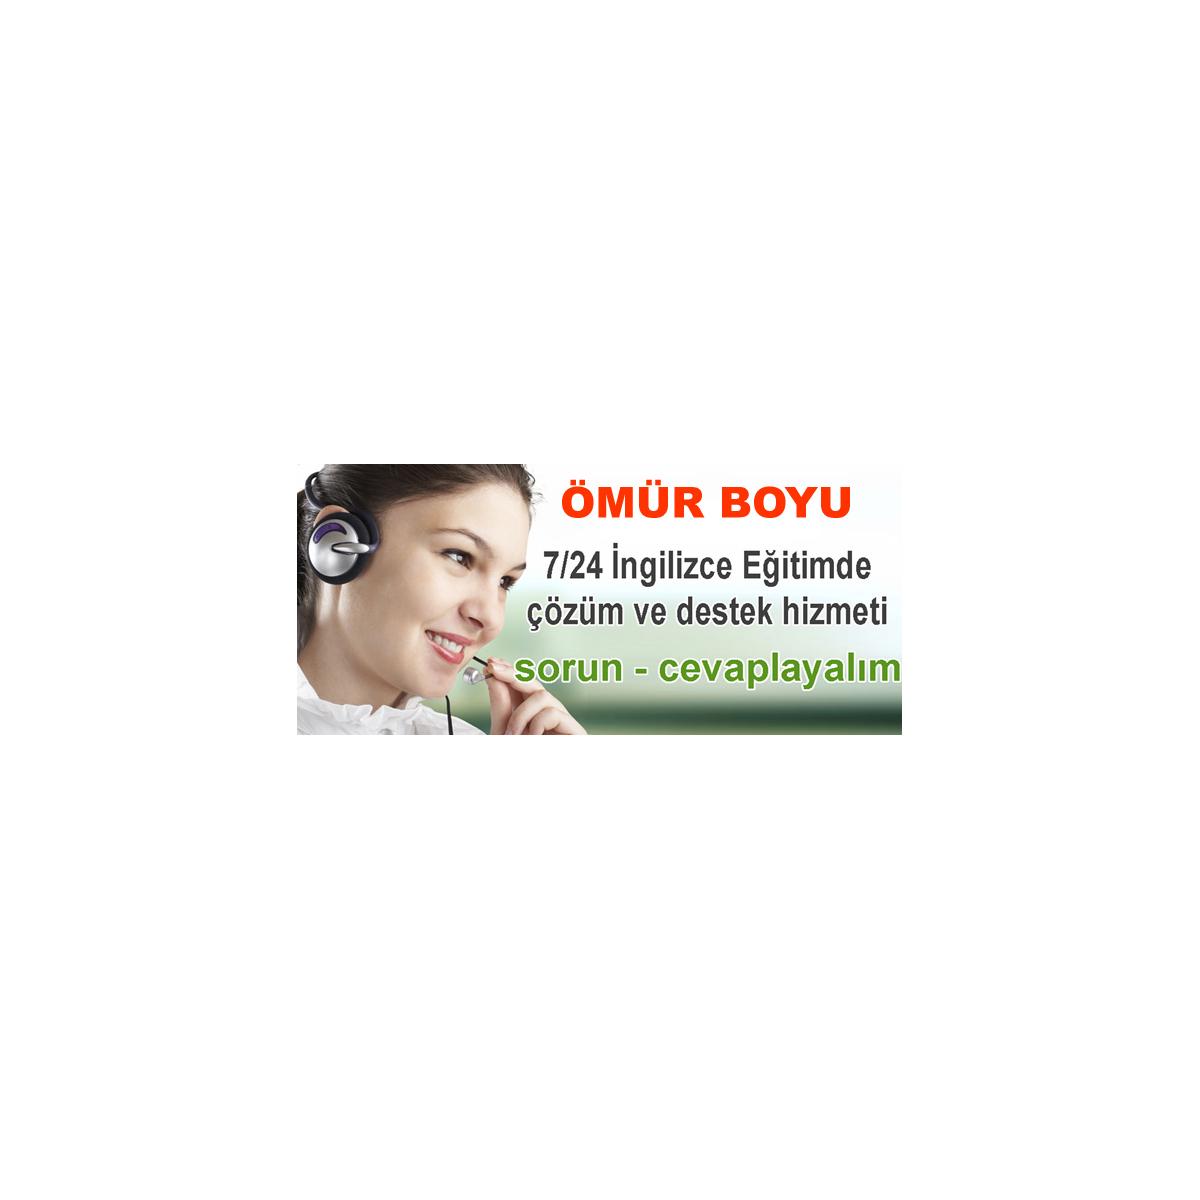 10 İngilizce Hikaye Kitabı Hediyeli İngilizce Online Eğitim